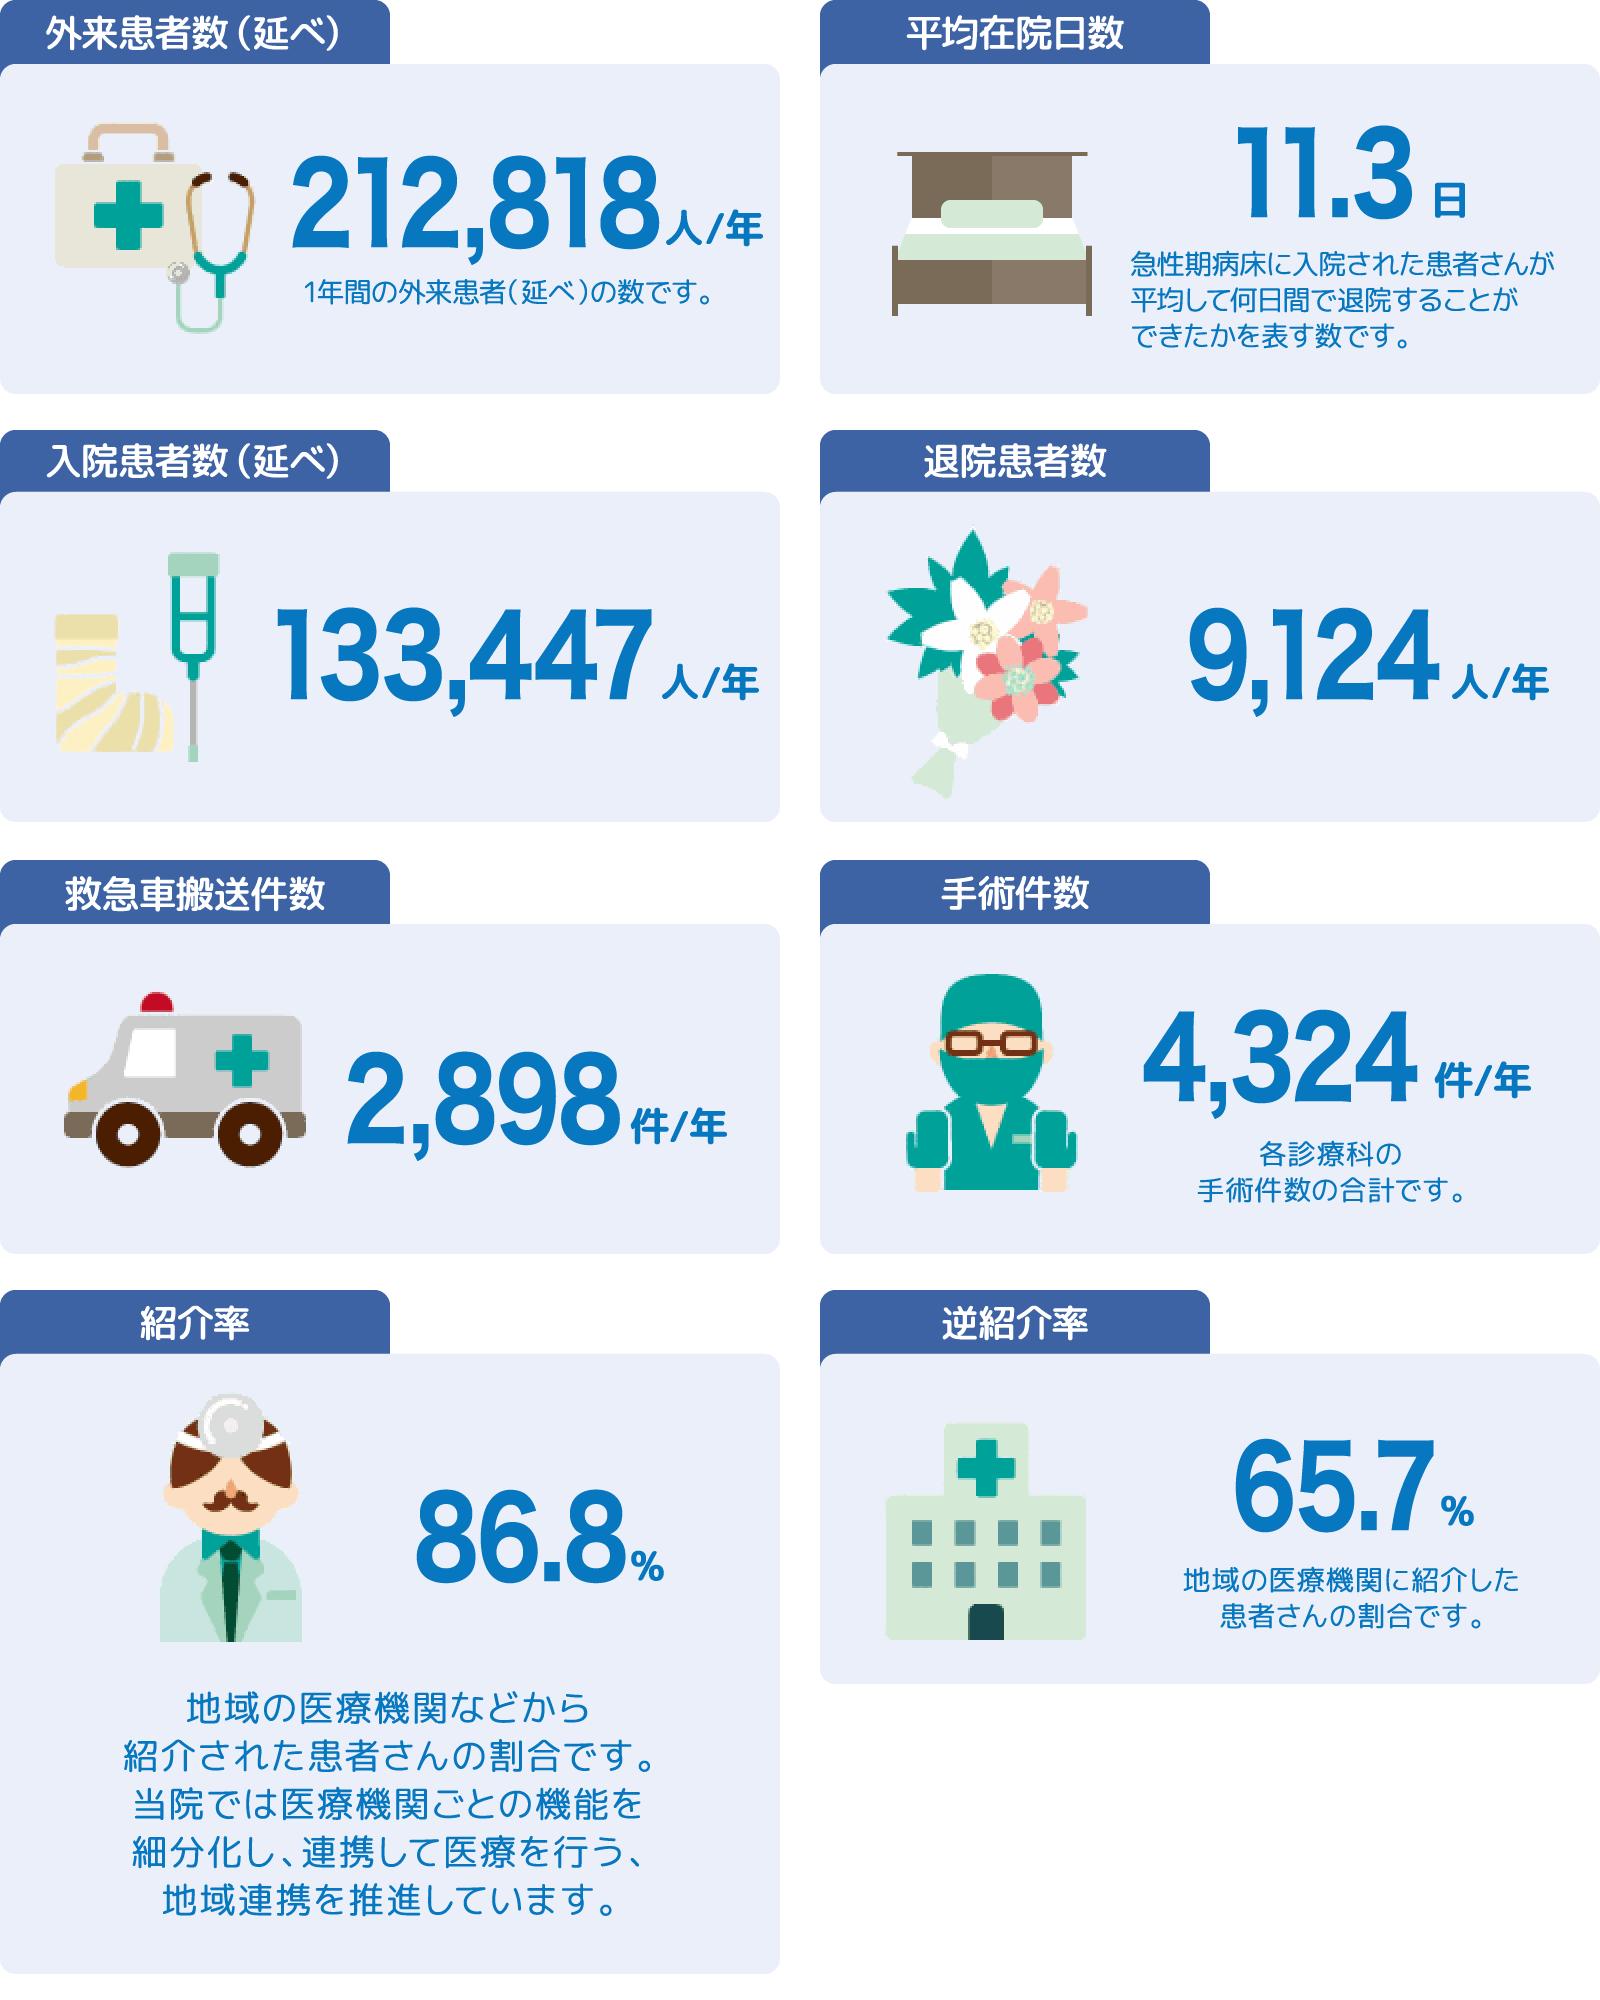 数字で見る淡海医療センター